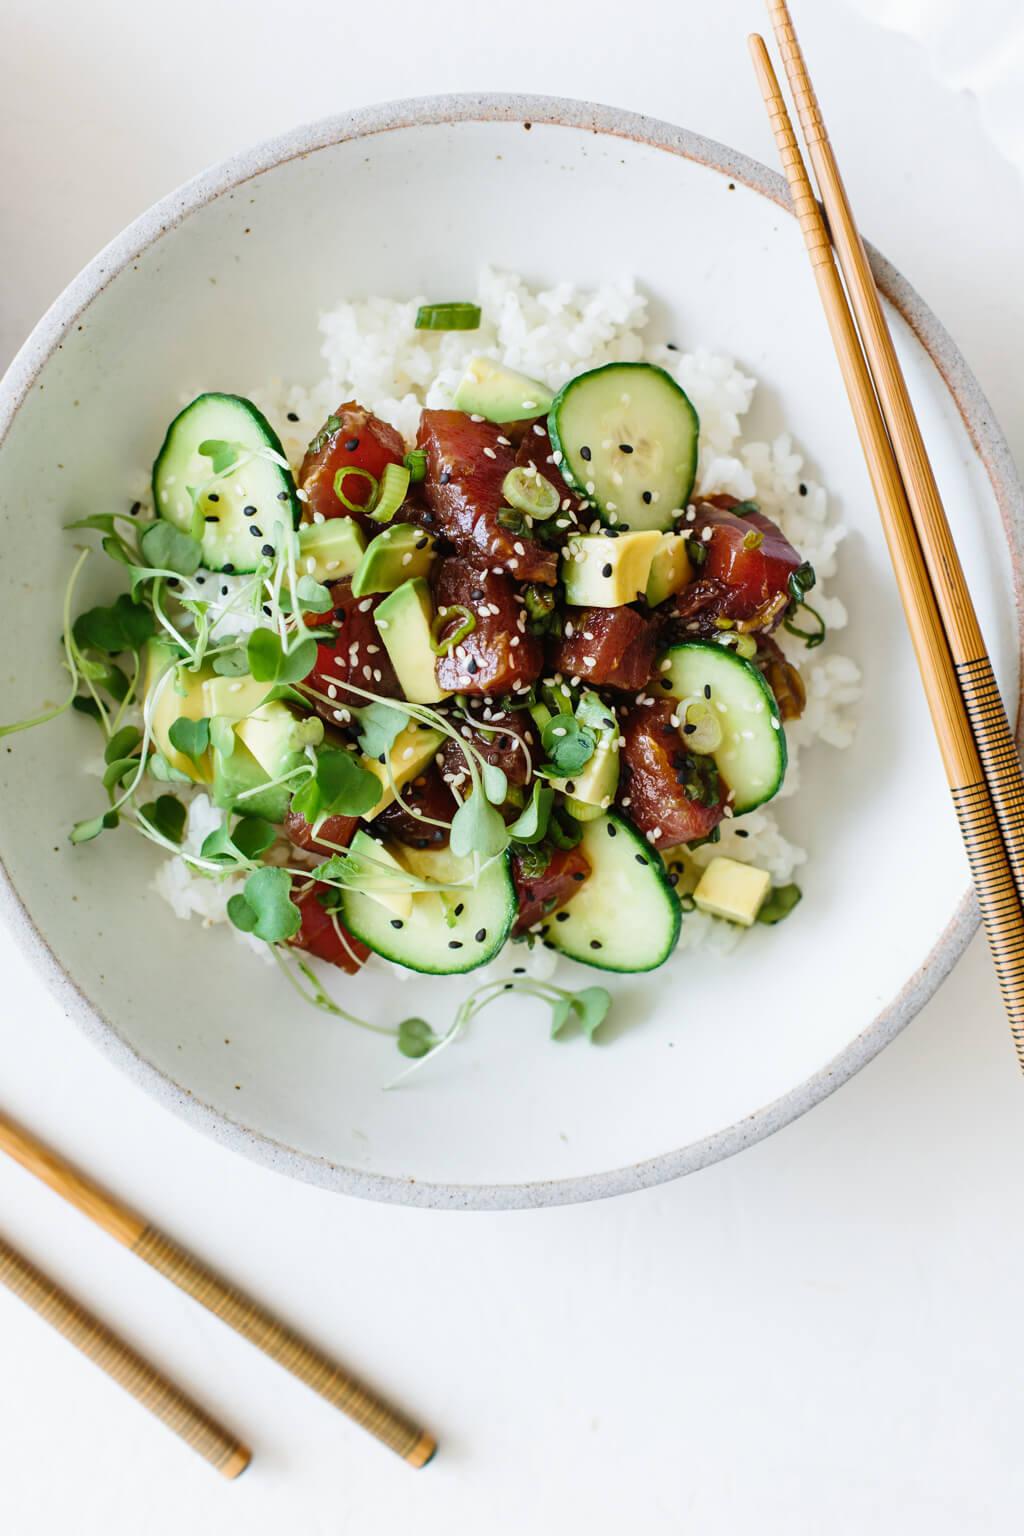 Ahi tuna poke in a white bowl with chopsticks.